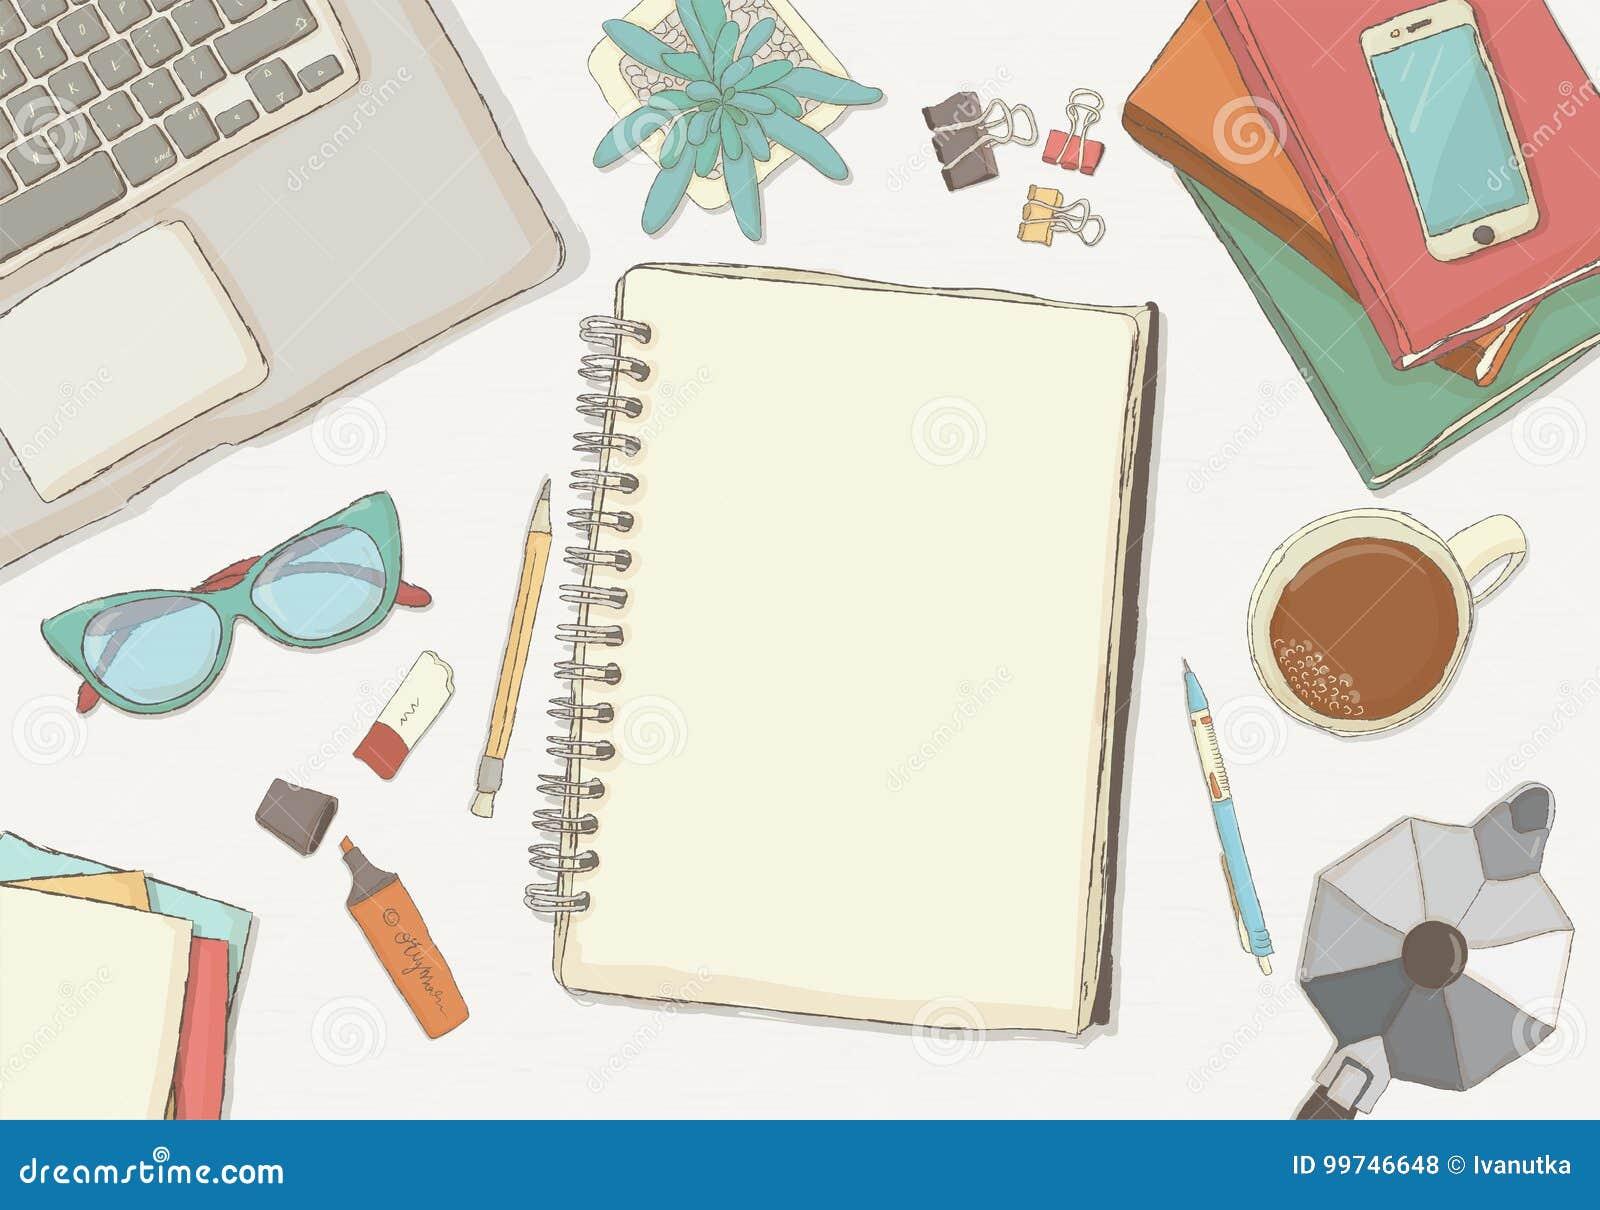 Obrazkowa miejsce pracy organizacja